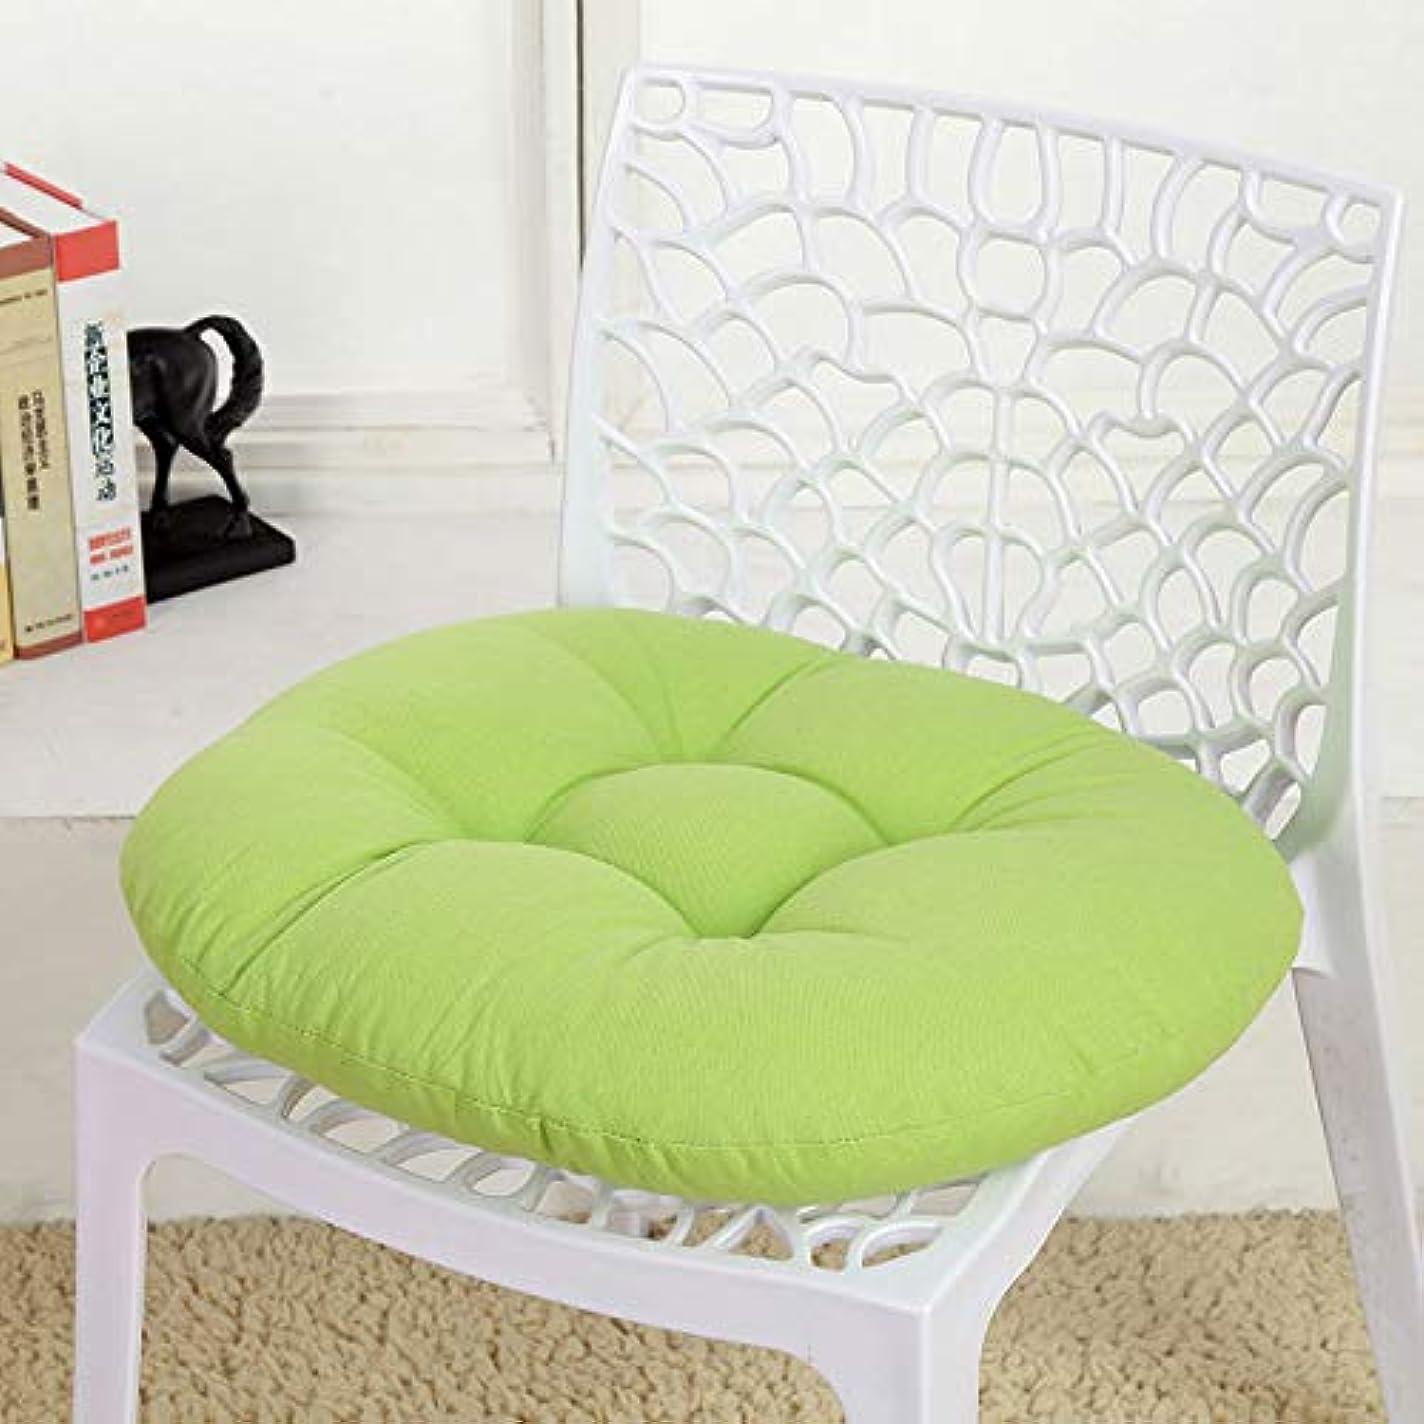 自分の力ですべてをするブレス排泄するLIFE キャンディカラーのクッションラウンドシートクッション波ウィンドウシートクッションクッション家の装飾パッドラウンド枕シート枕椅子座る枕 クッション 椅子